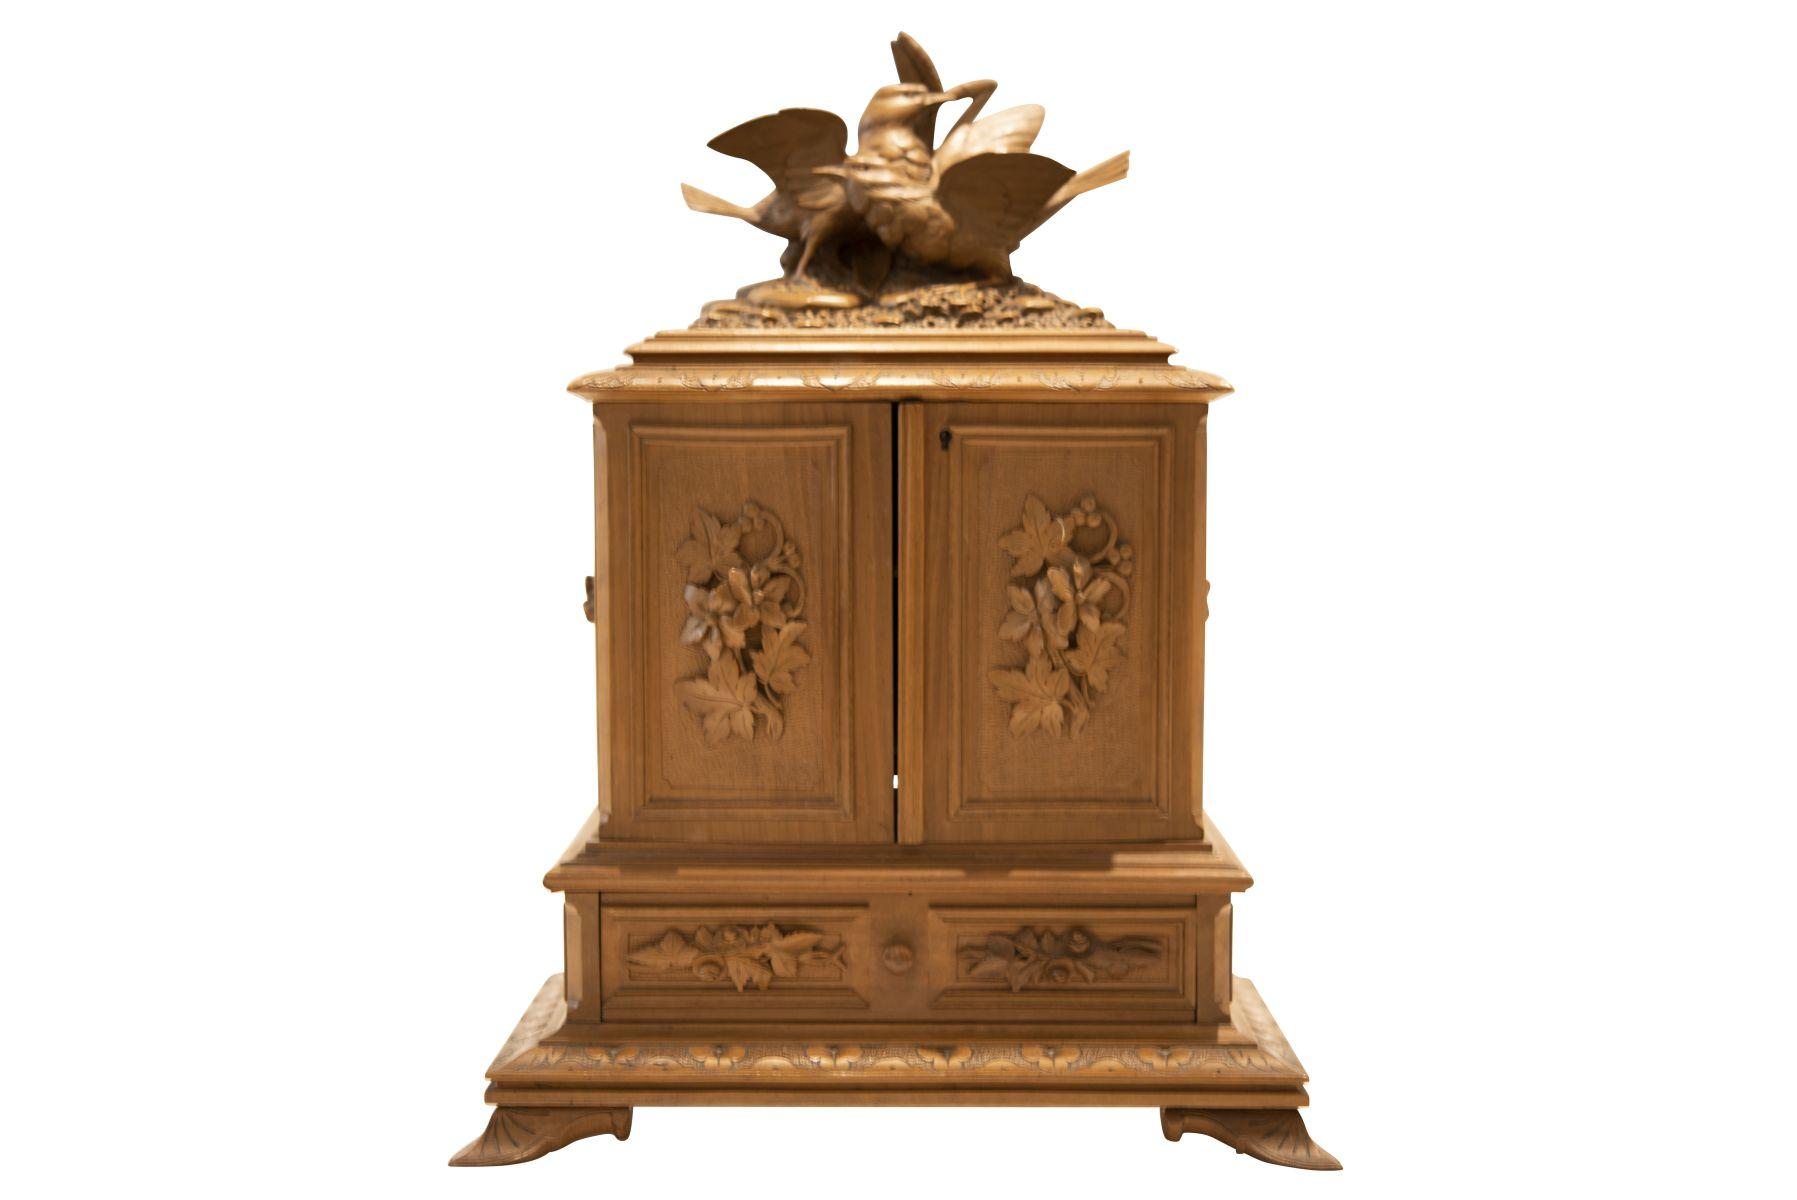 #45 Small Cabinet (Miniature Furniture)   Kleines Schränkchen (Miniaturmöbel) Image